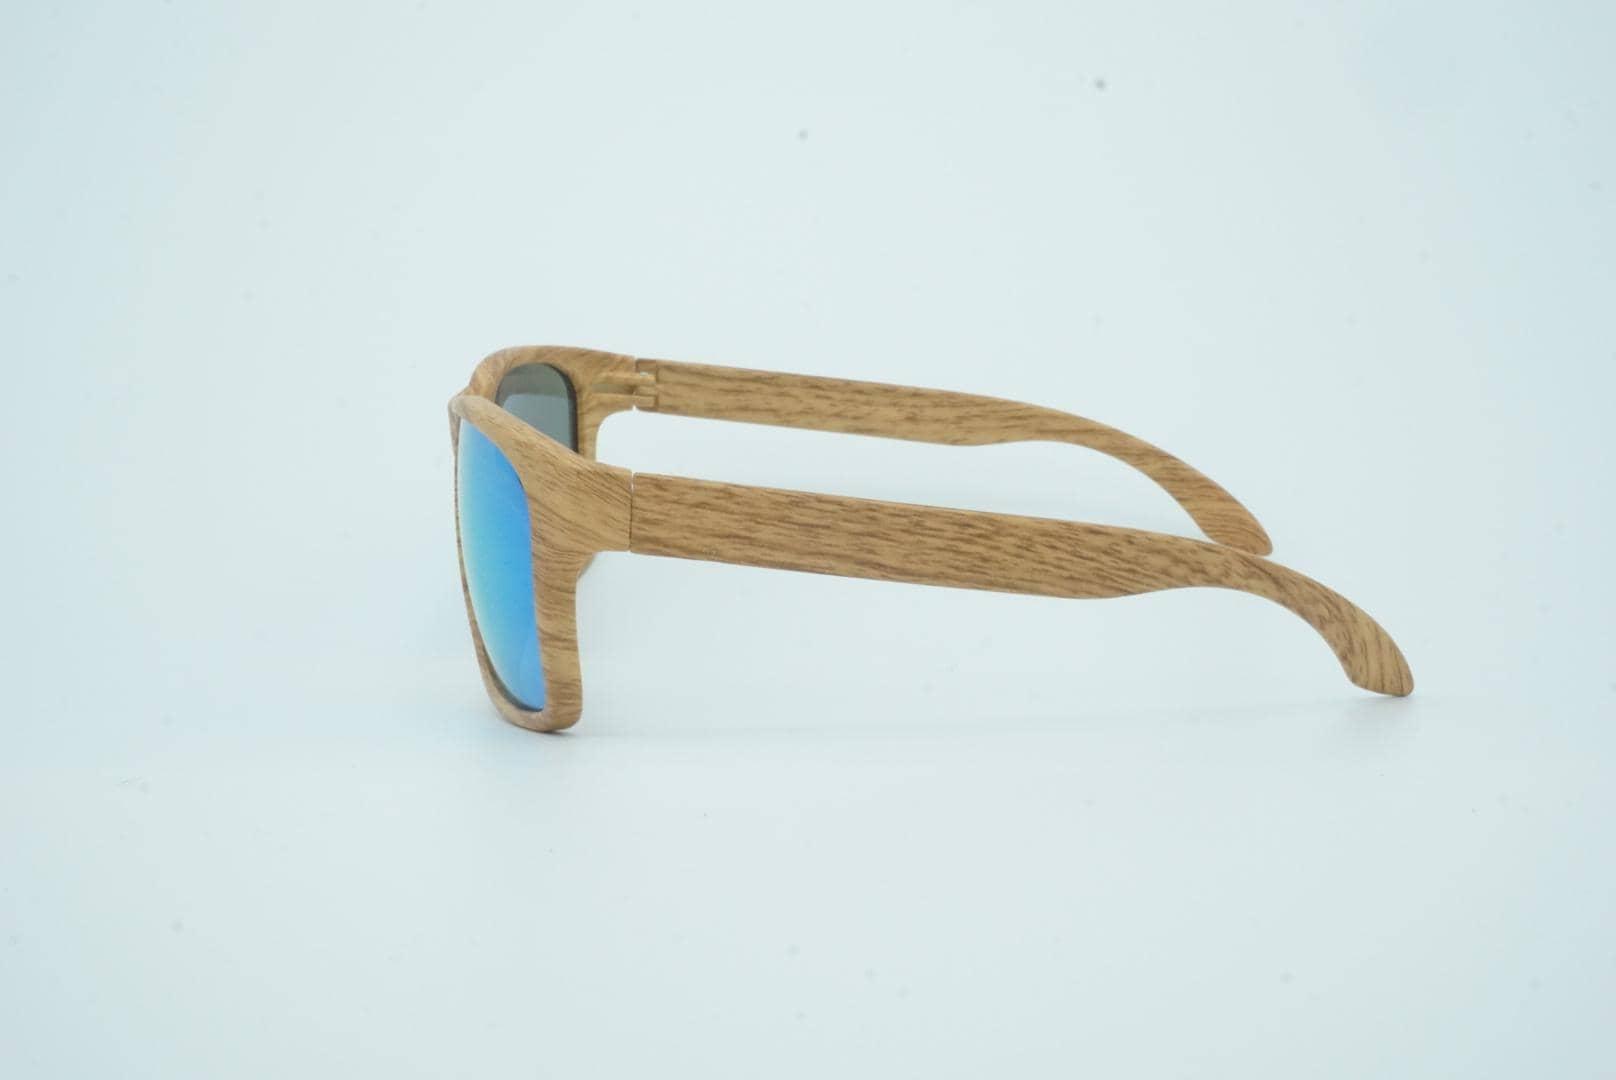 4Goodz Ibiza blue - houtlook wayfarer zonnebril - blauw spiegelglas - Uv400